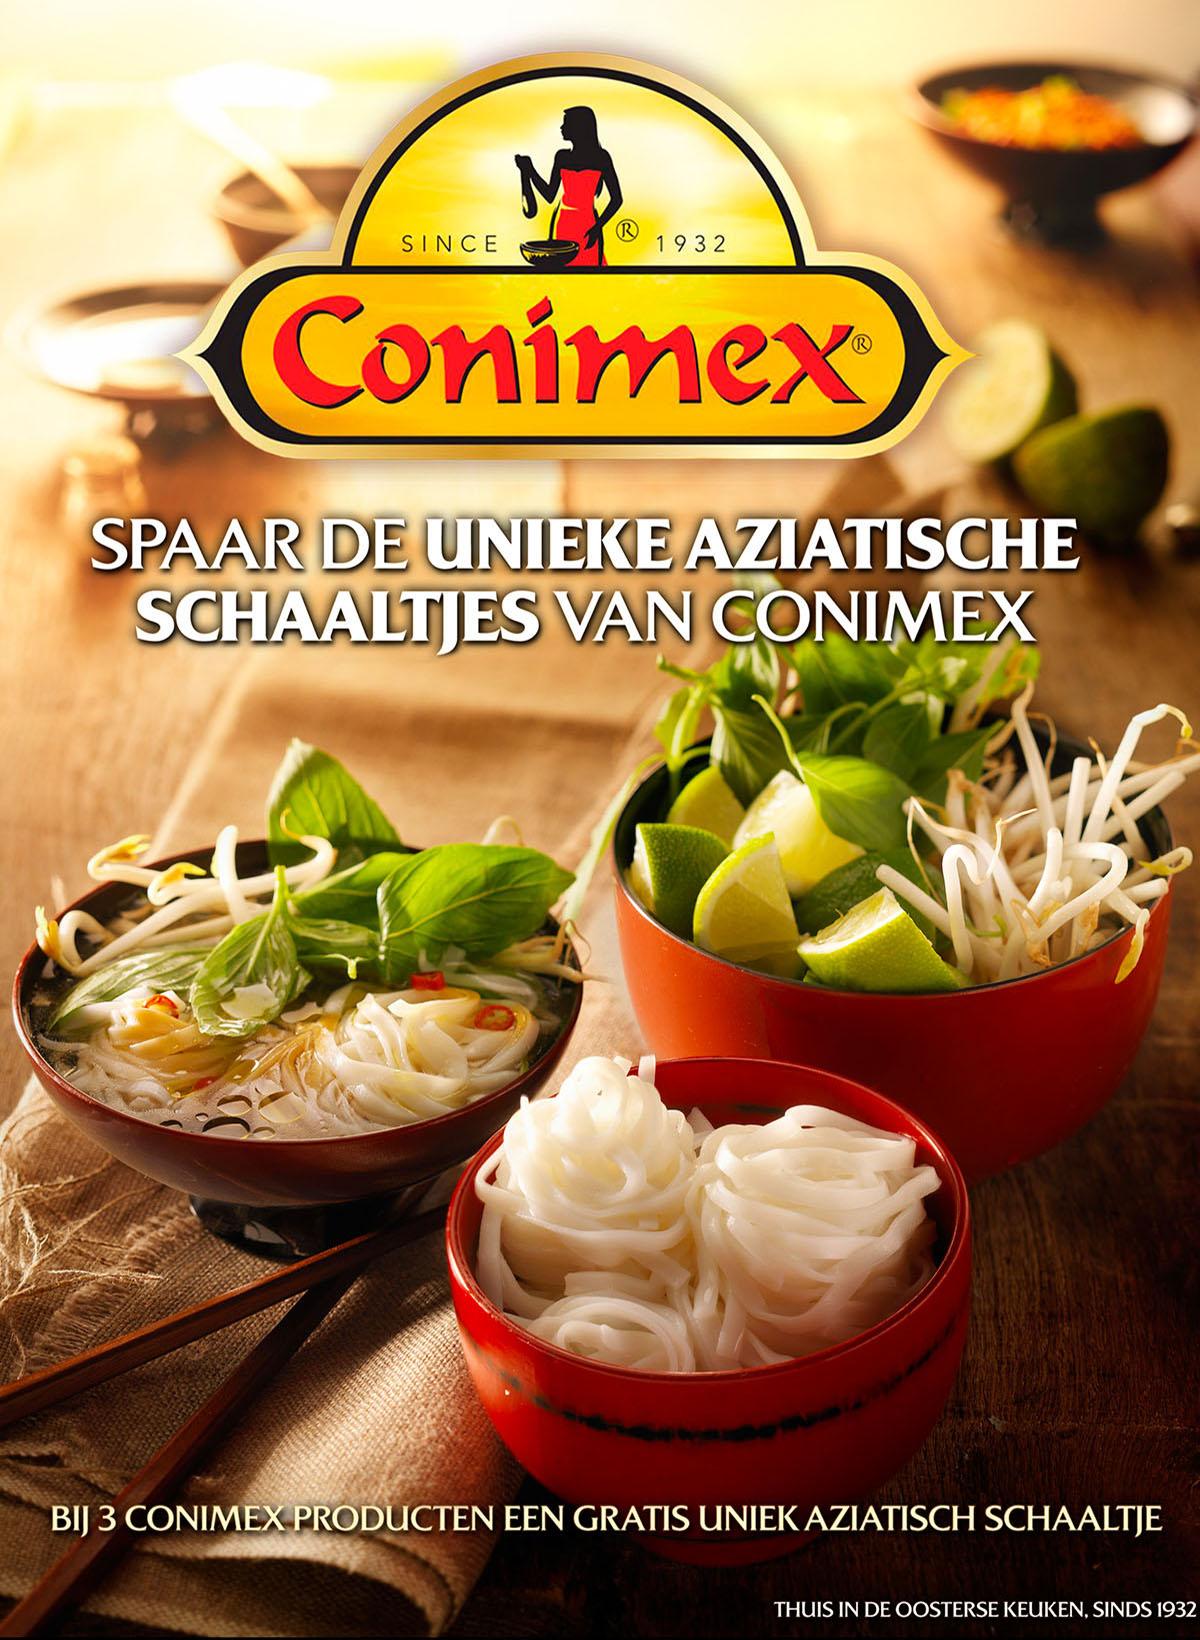 Food fotografie van kommetjes met taugé icm groenten van Conimex gemaakt door Studio_m Fotografie Amsterdam